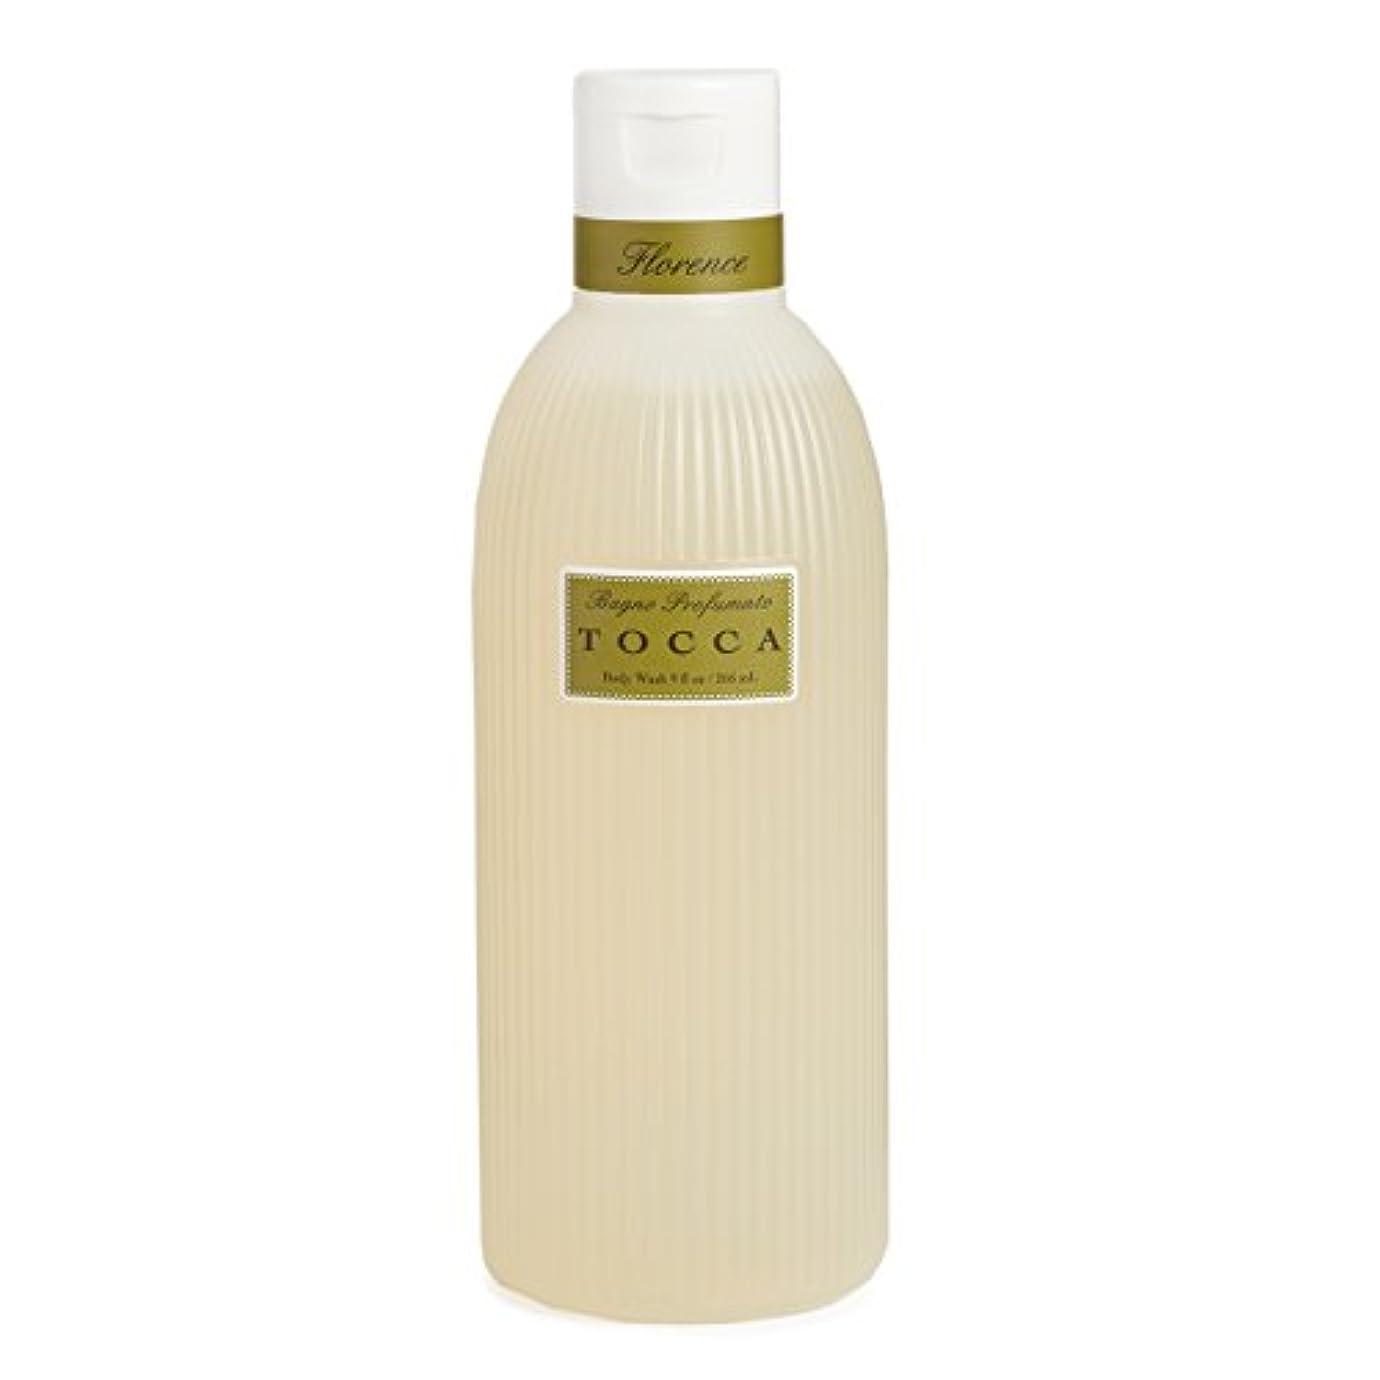 スティック原因サージトッカ(TOCCA) ボディーケアウォッシュ フローレンスの香り 266ml(全身用洗浄料 ボディーソープ ガーデニアとベルガモットが誘うように溶け合うどこまでも上品なフローラルの香り)